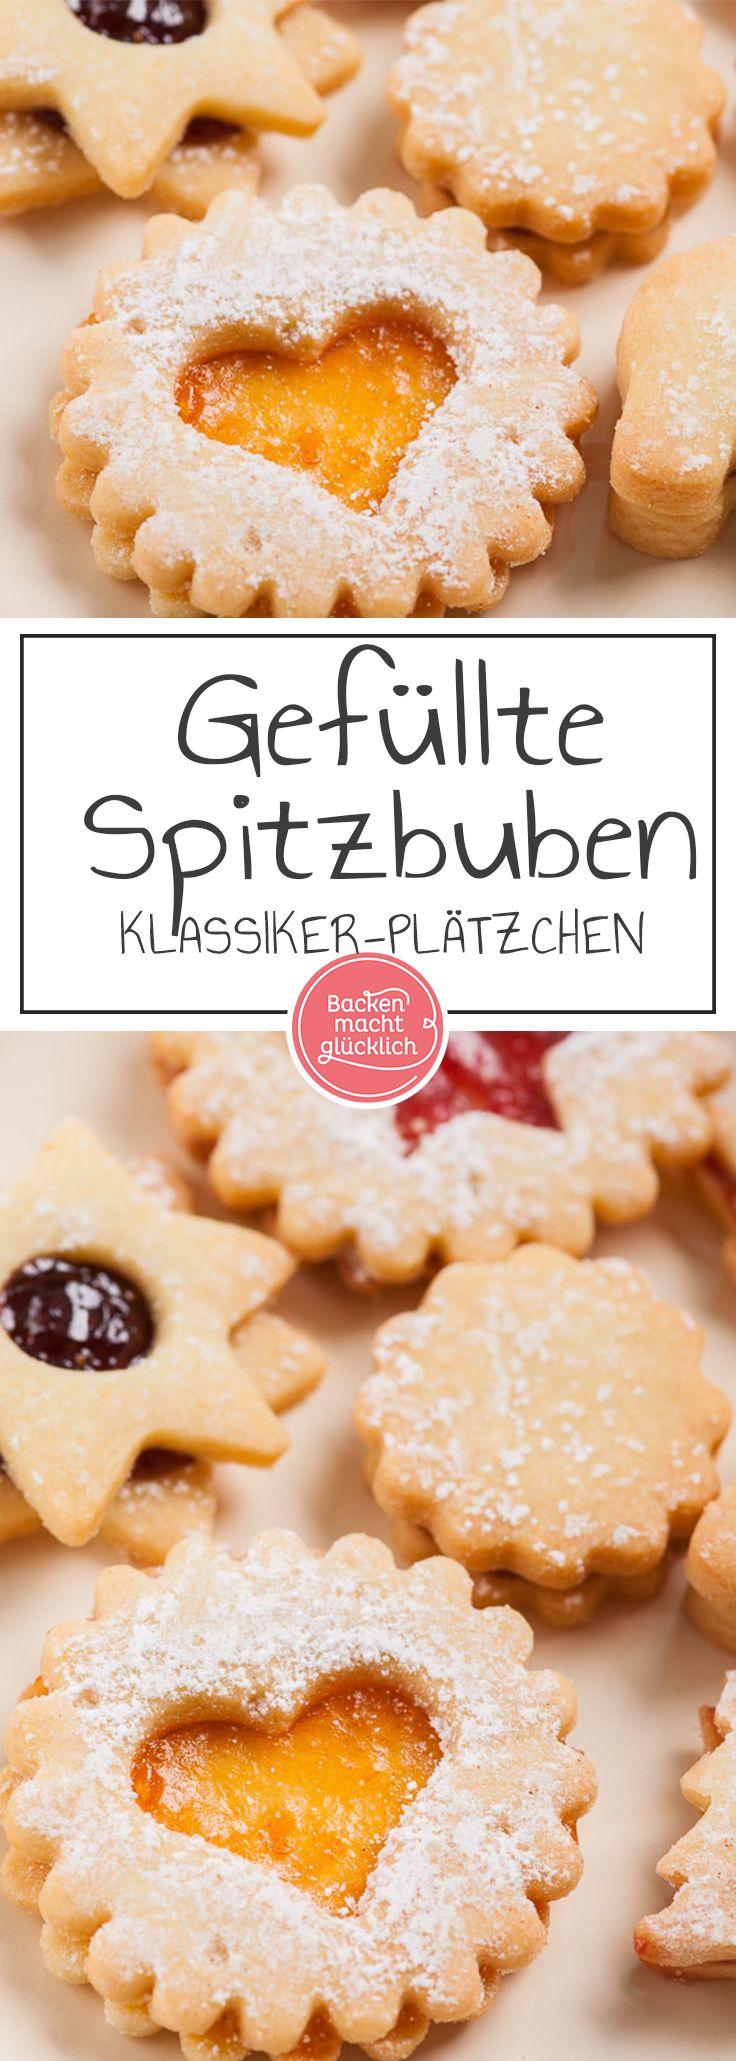 Die besten Spitzbuben der Welt: Wunderbares Klassiker-Rezept meiner Uroma Margarethe. Die gefüllten Weihnachtsplätzchen sind auch unter den Namen Terrassenplätzchen bekannt.